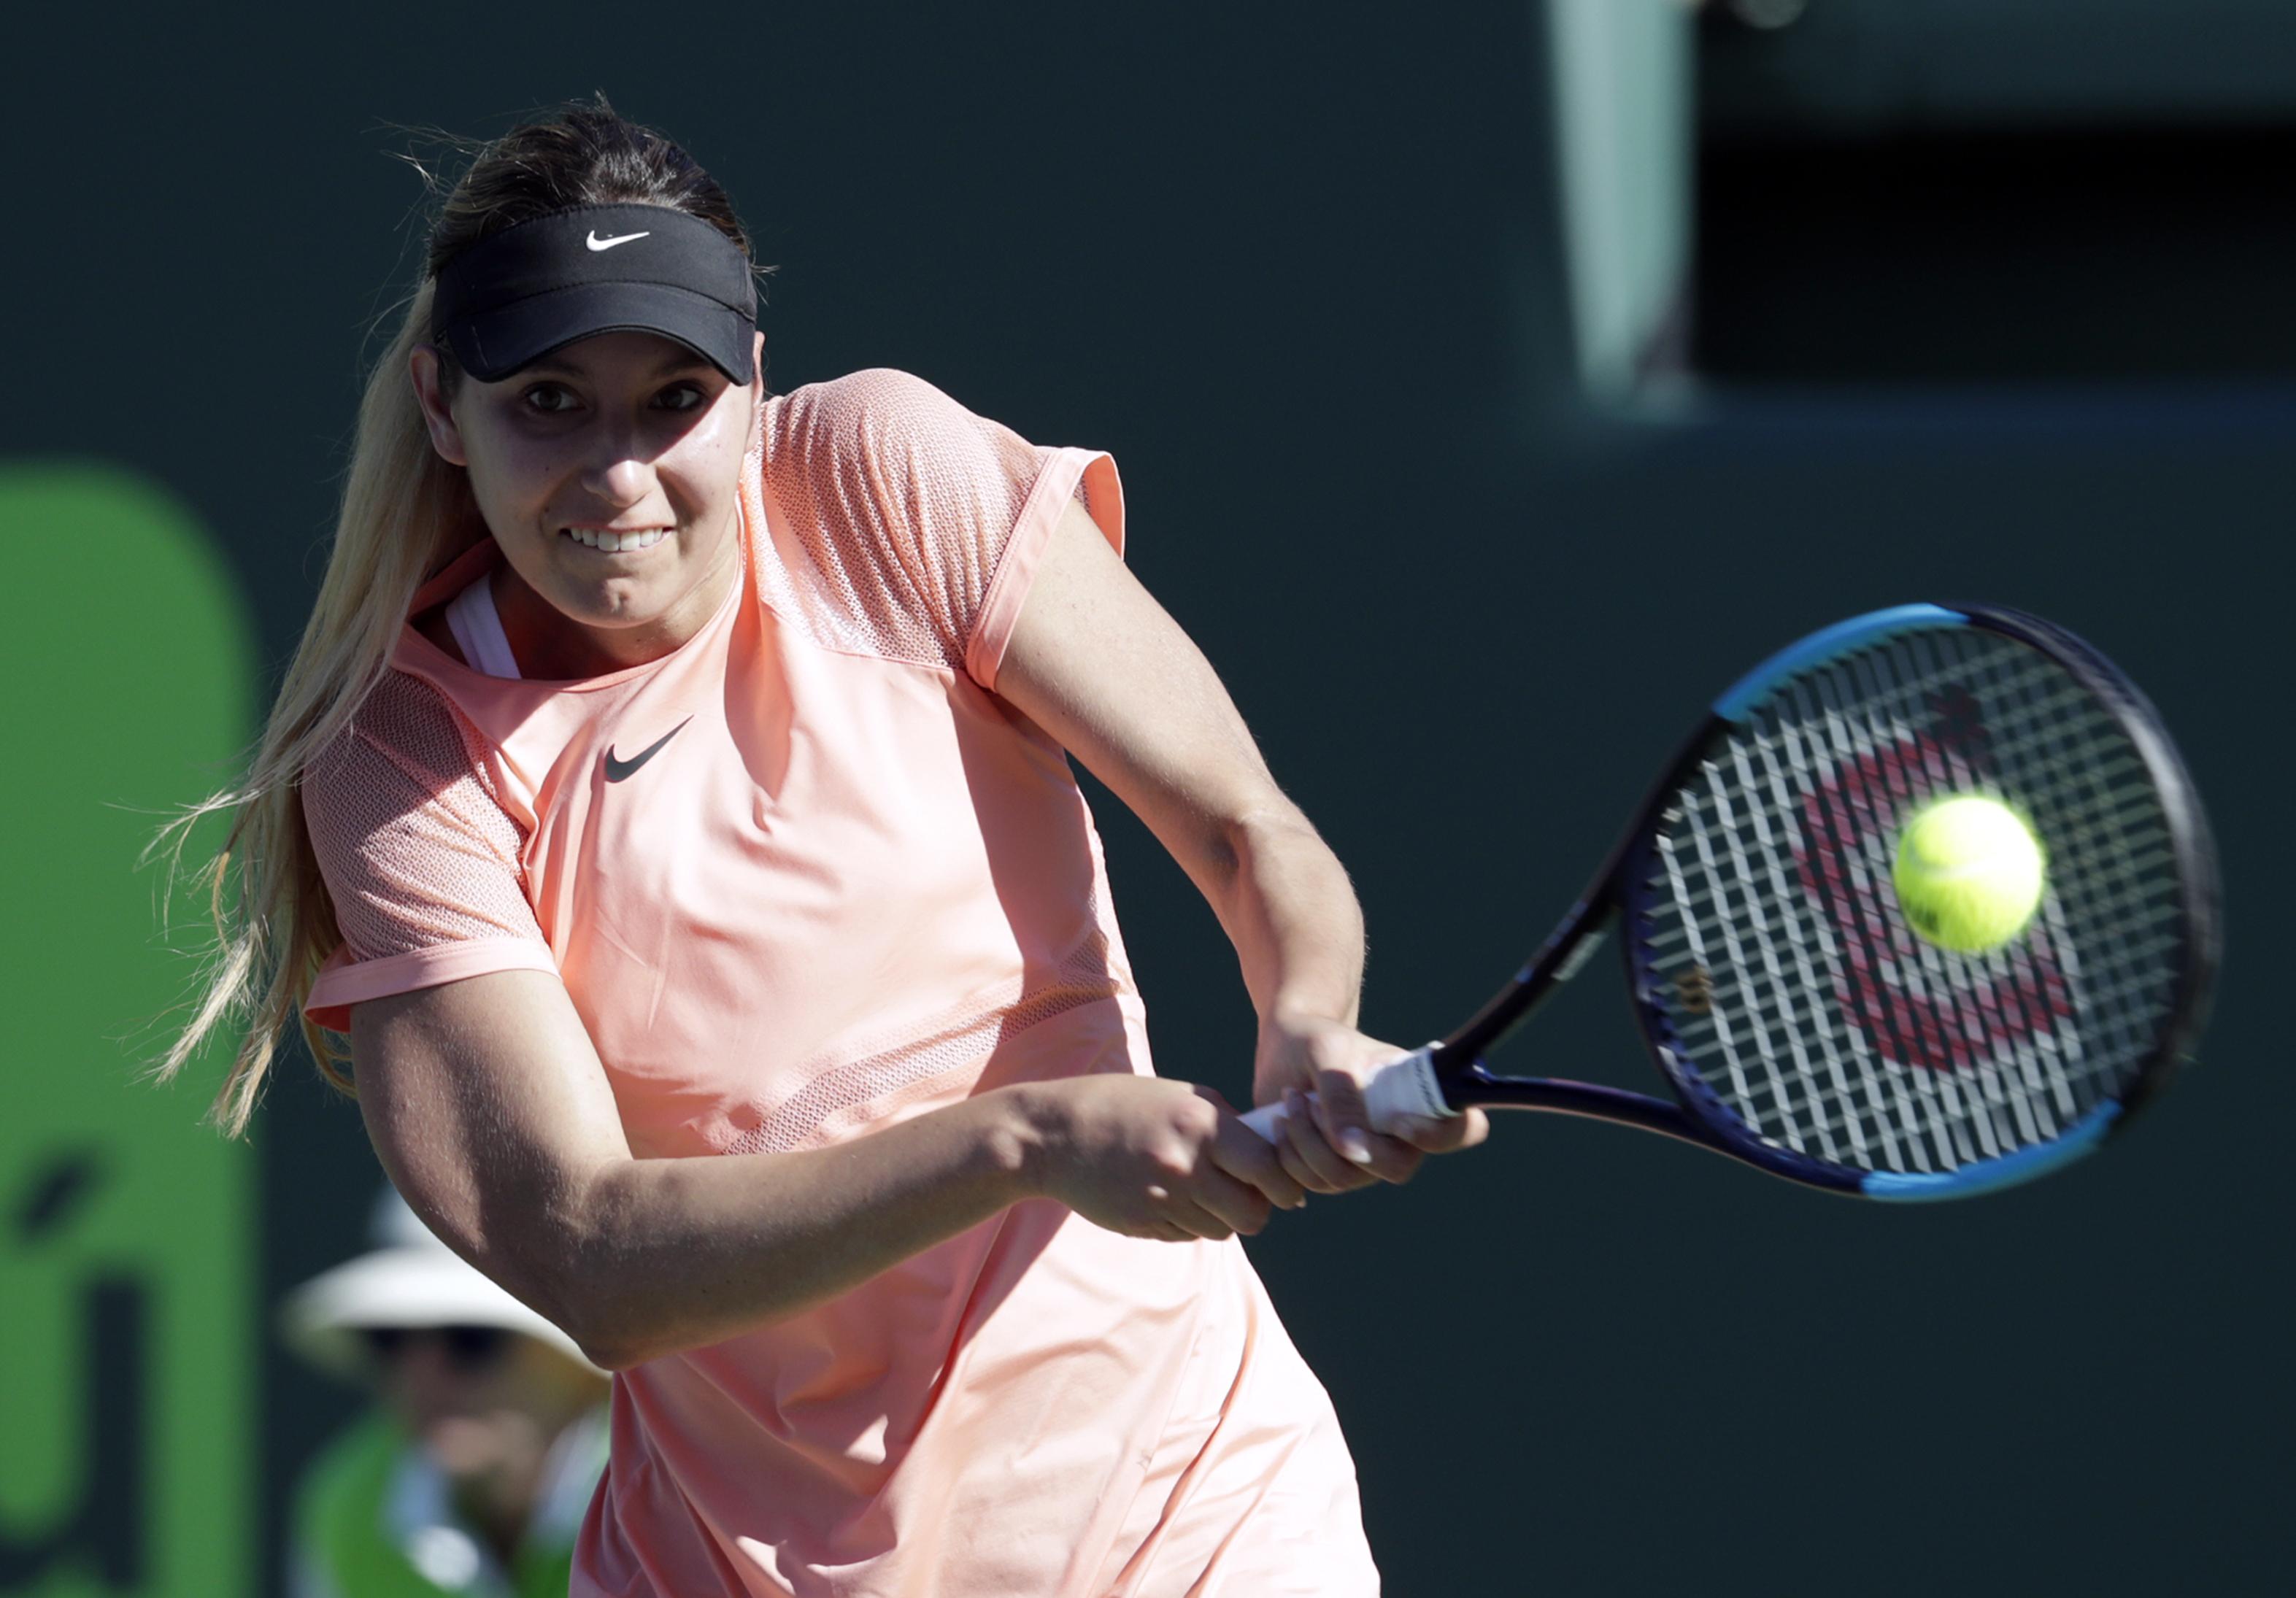 Tennis - WTA - Miami : Dodin proche d'un immense exploit face à la numéro 1 mondiale